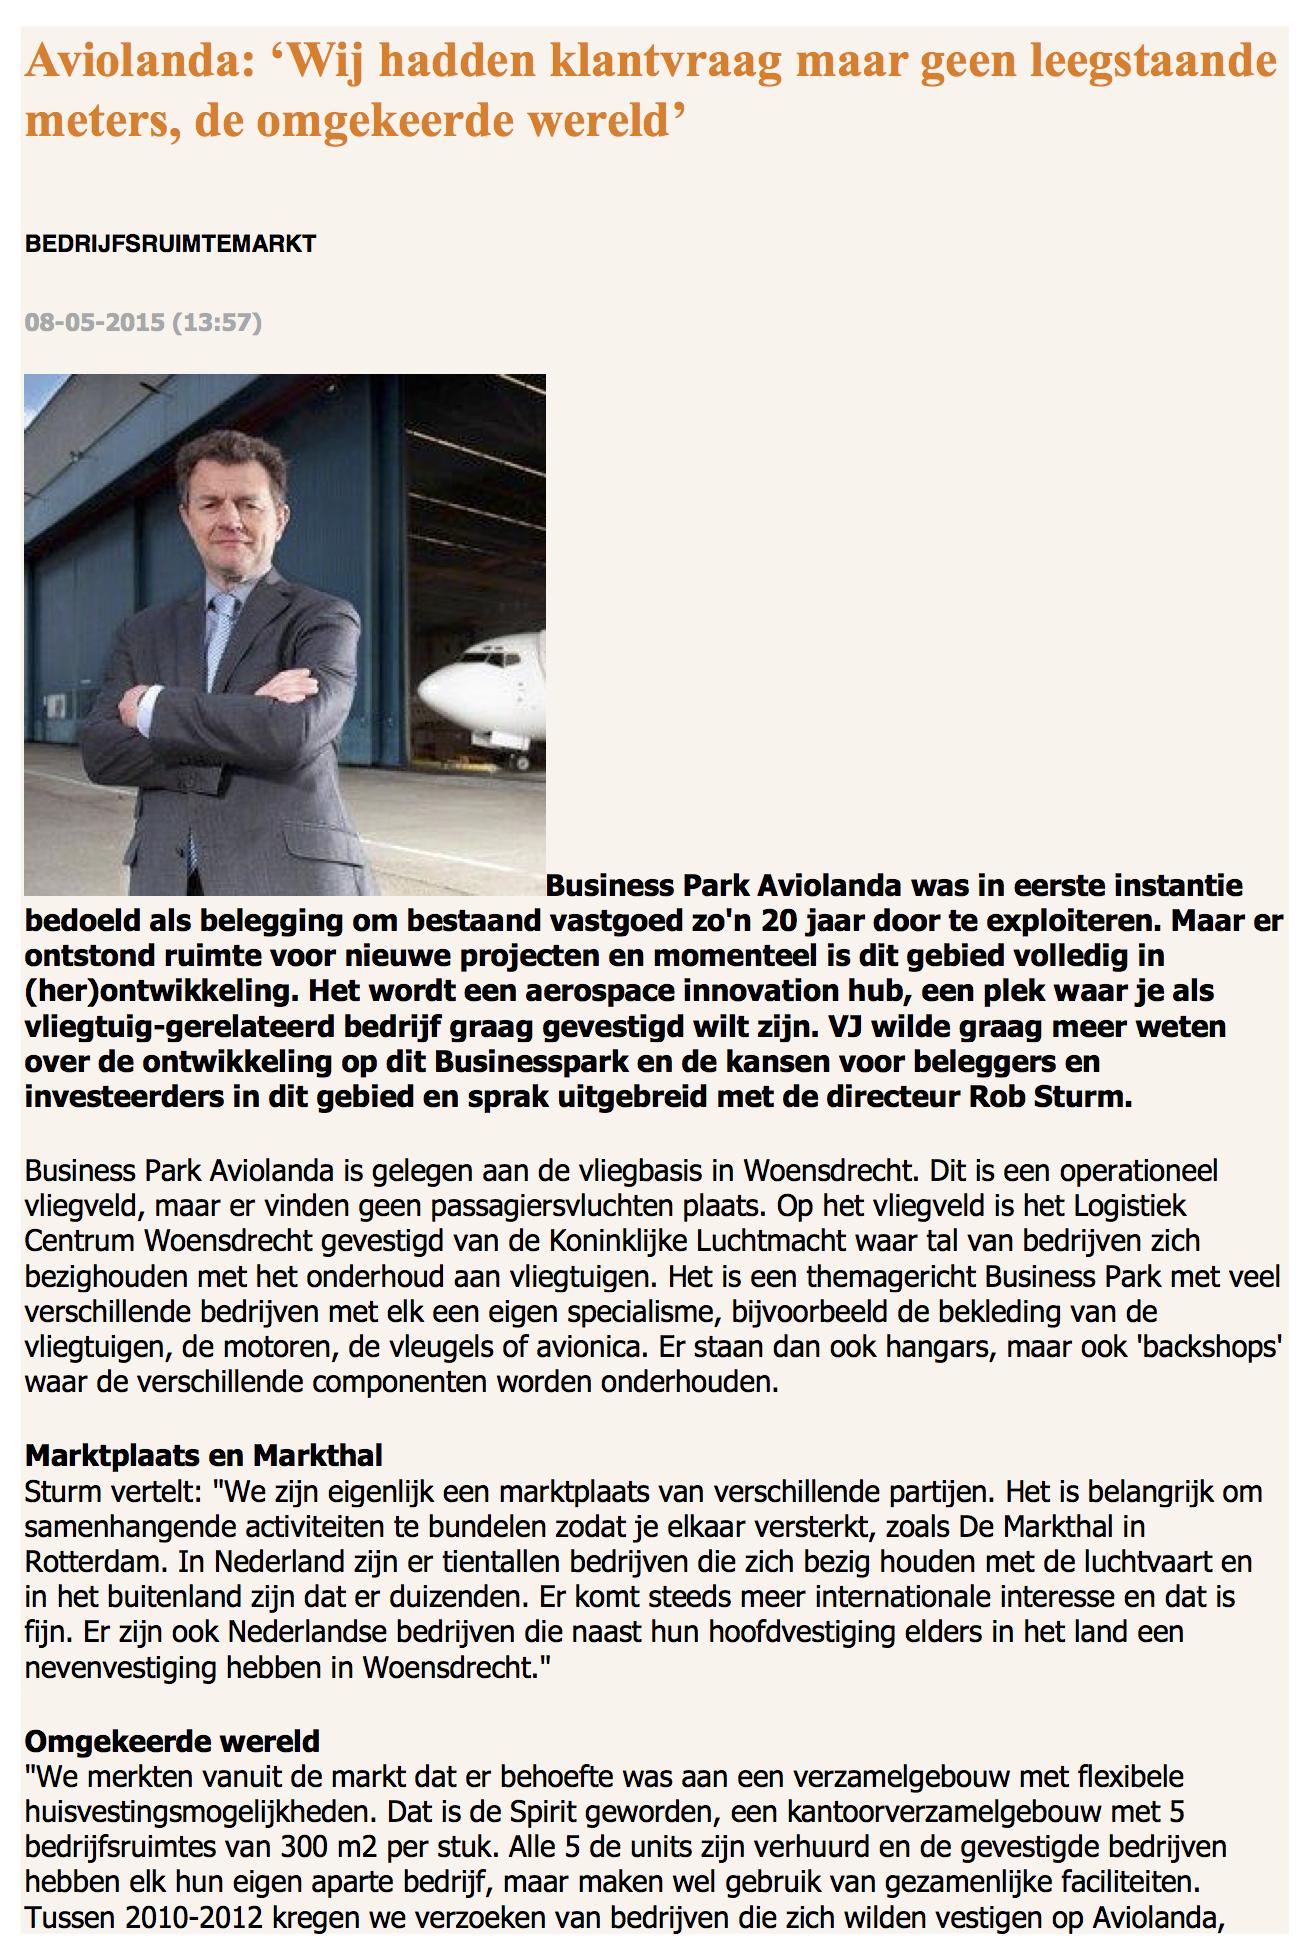 Aviolanda artikel 08-05-2015